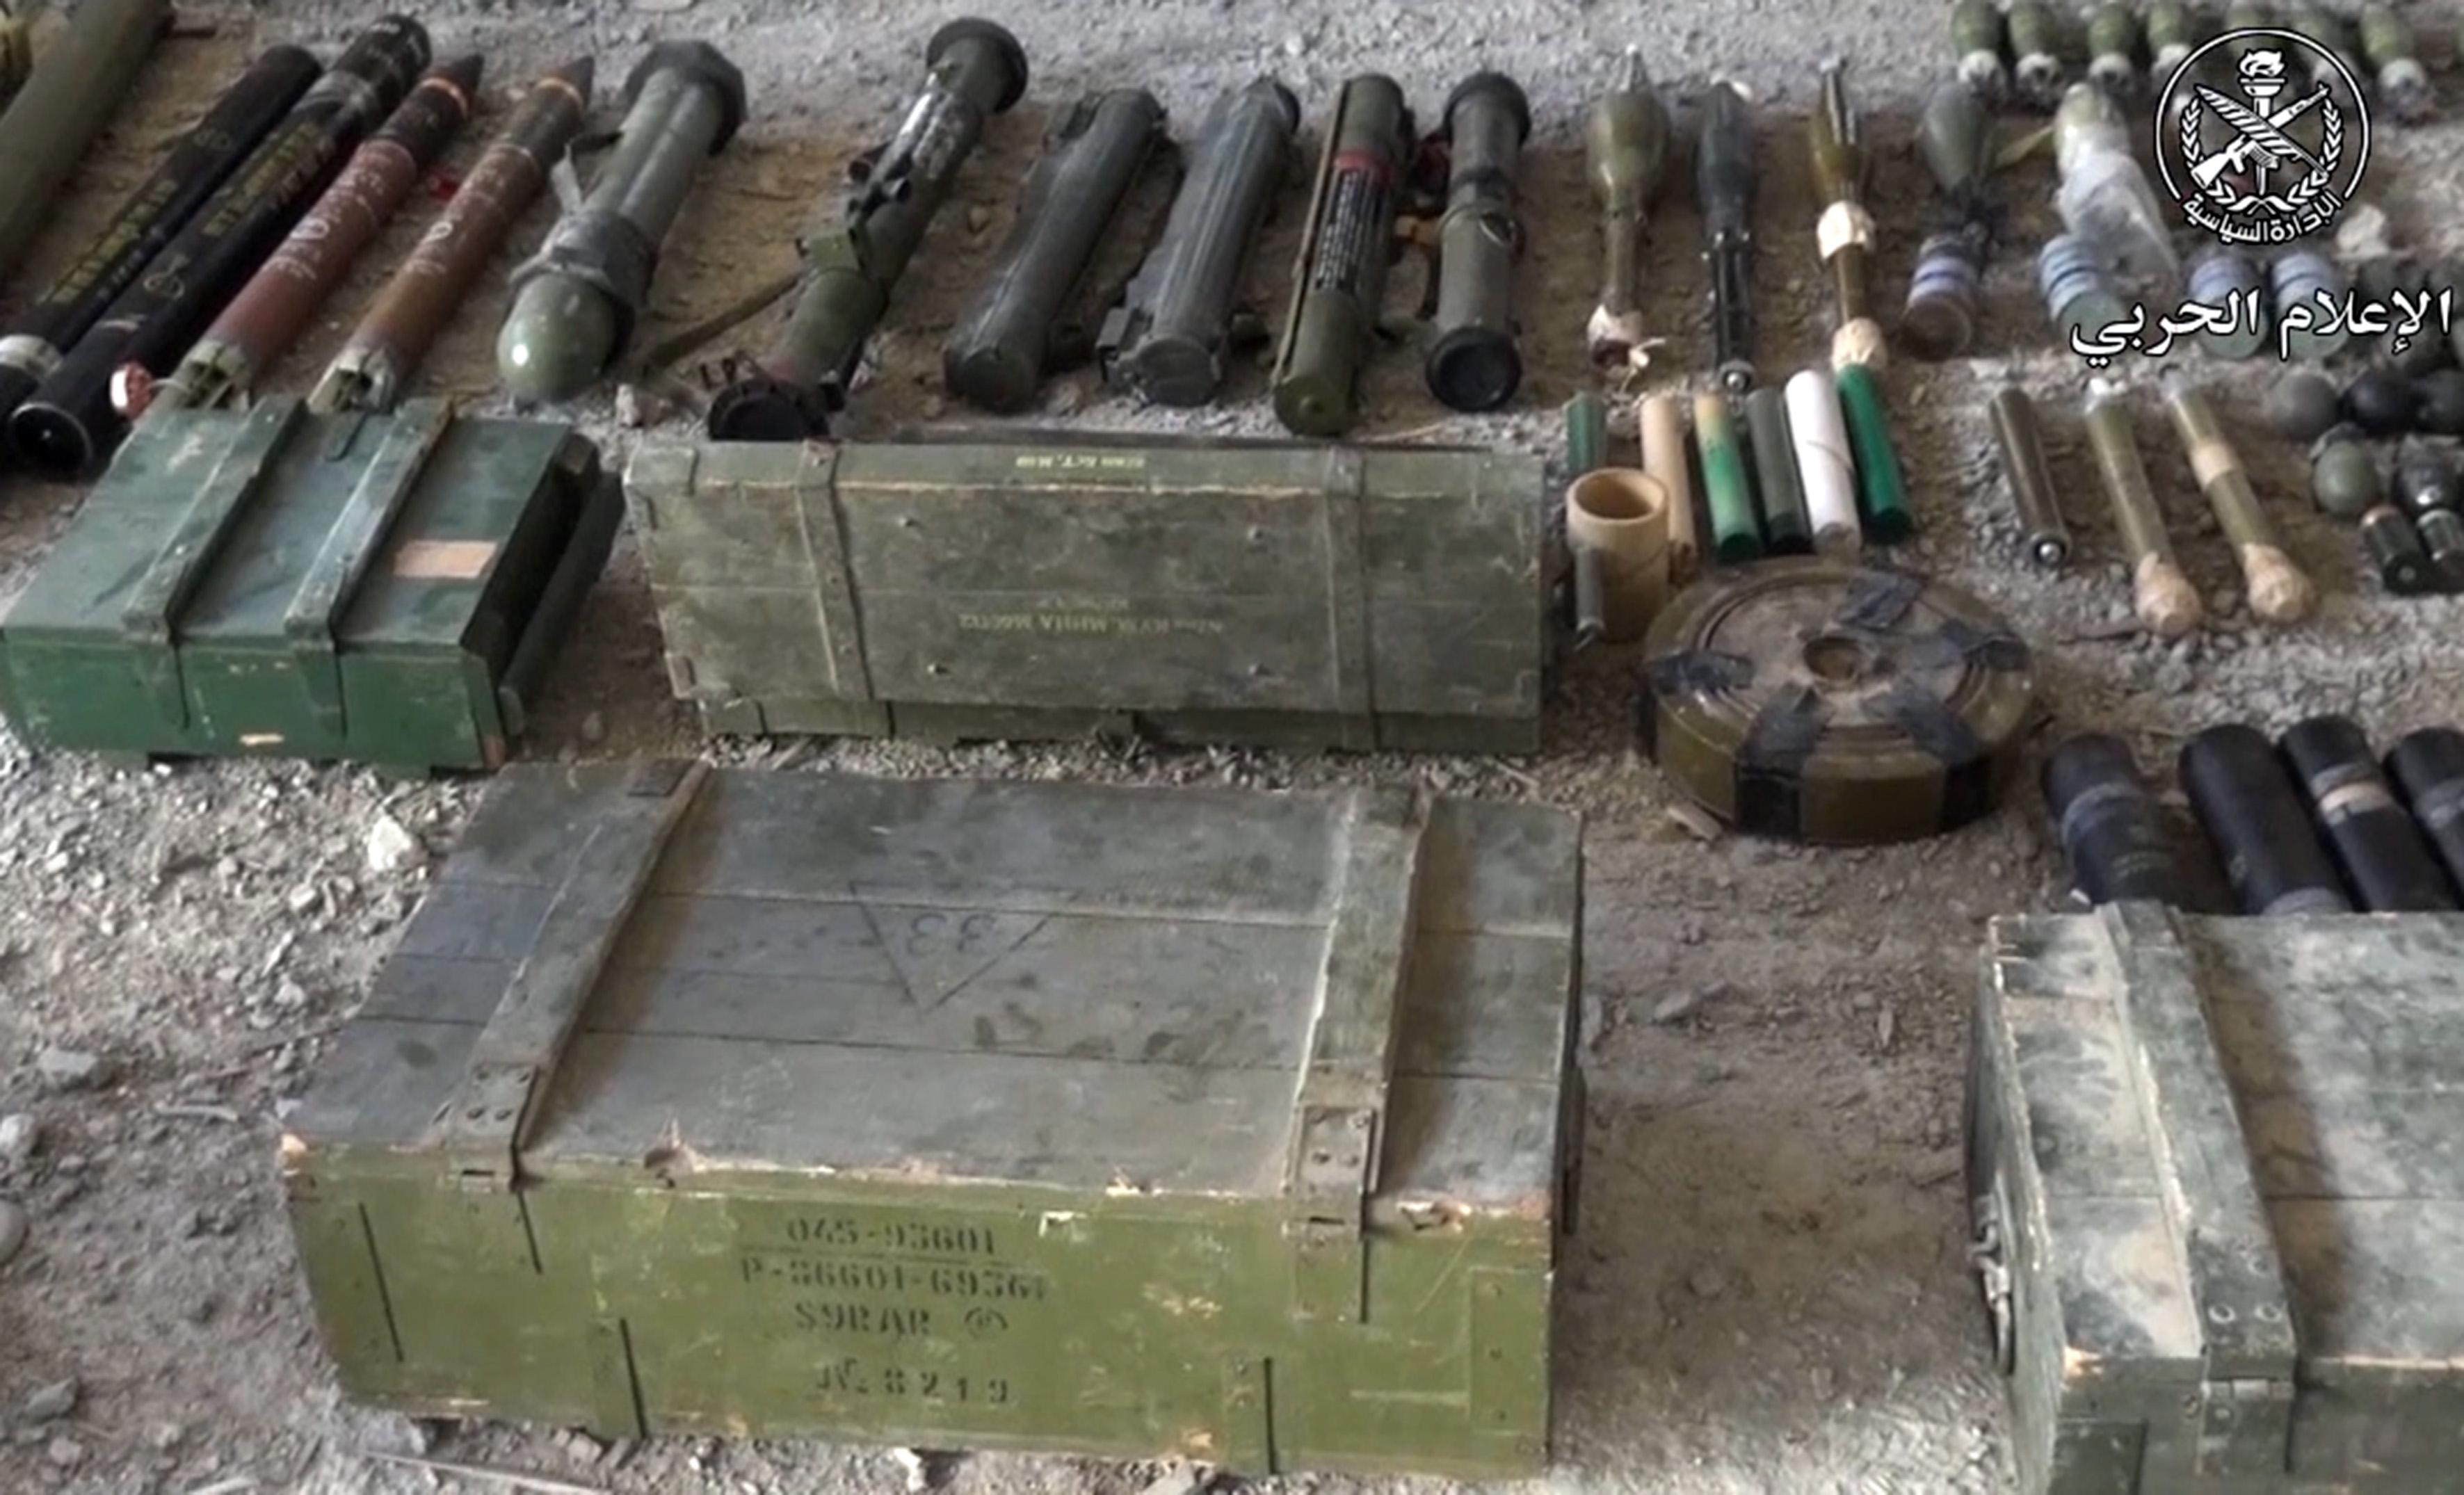 کشف سلاحهای آمریکایی و اسرائیلی تروریستها در شهرک یلدای سوریه + تصاویر